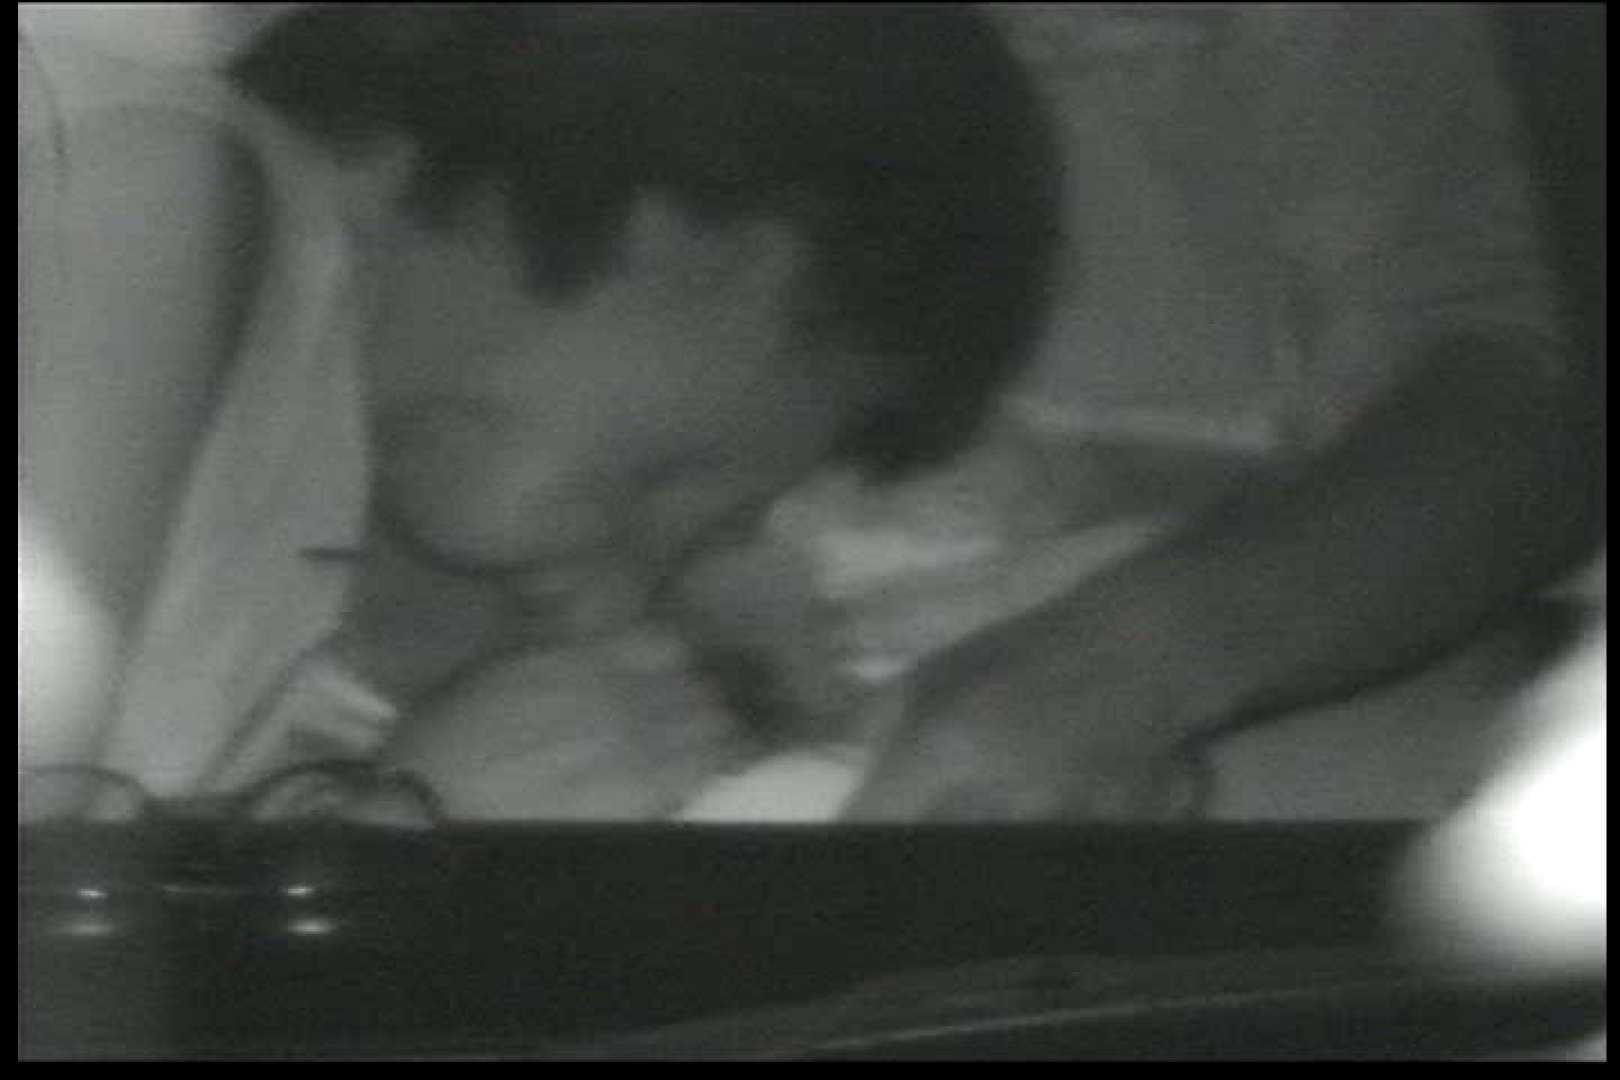 車の中はラブホテル 無修正版  Vol.12 赤外線 オメコ動画キャプチャ 109連発 61